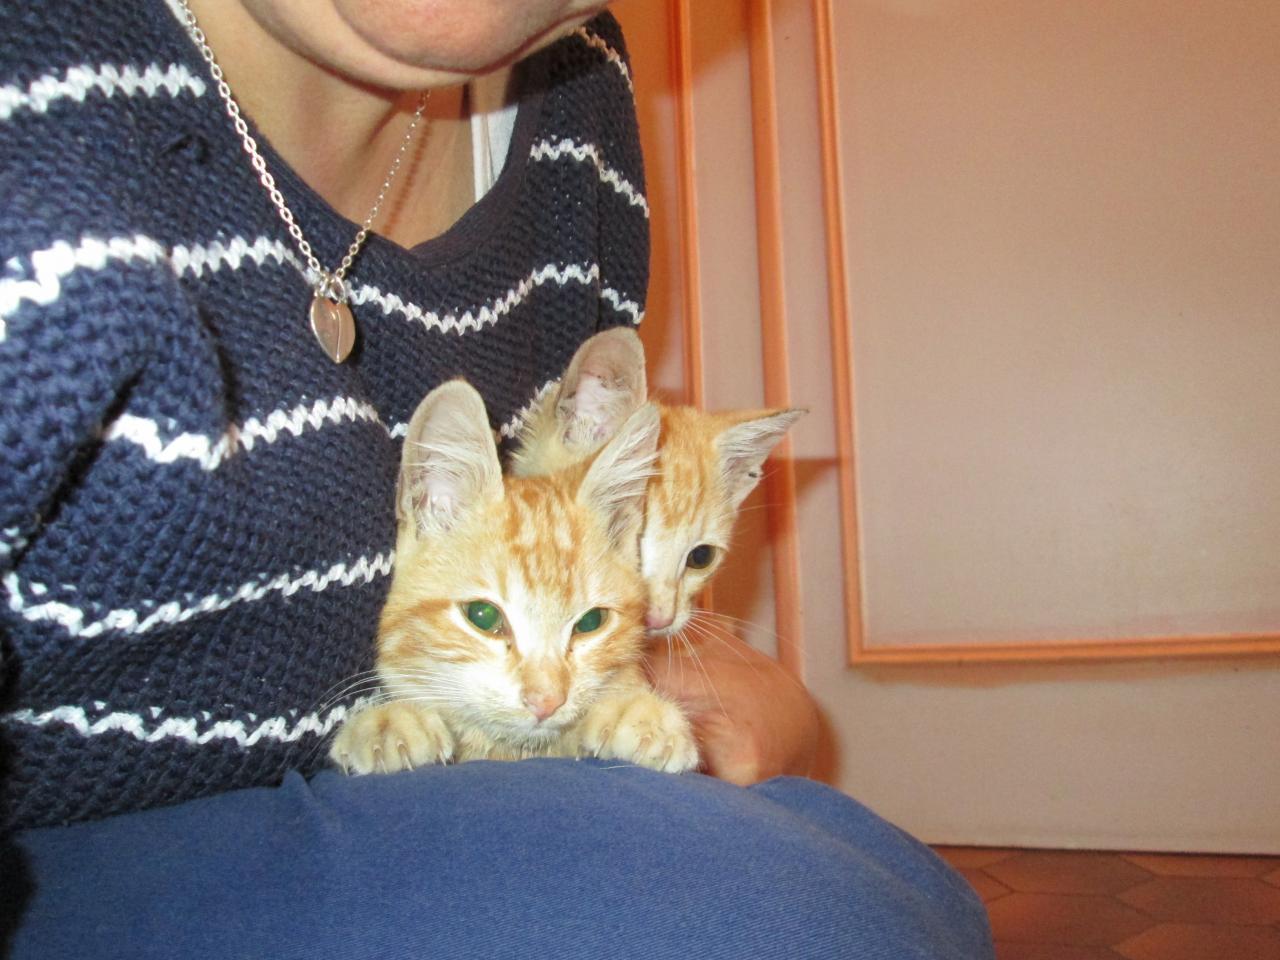 Maison de retraite de coulon, deux chatons.